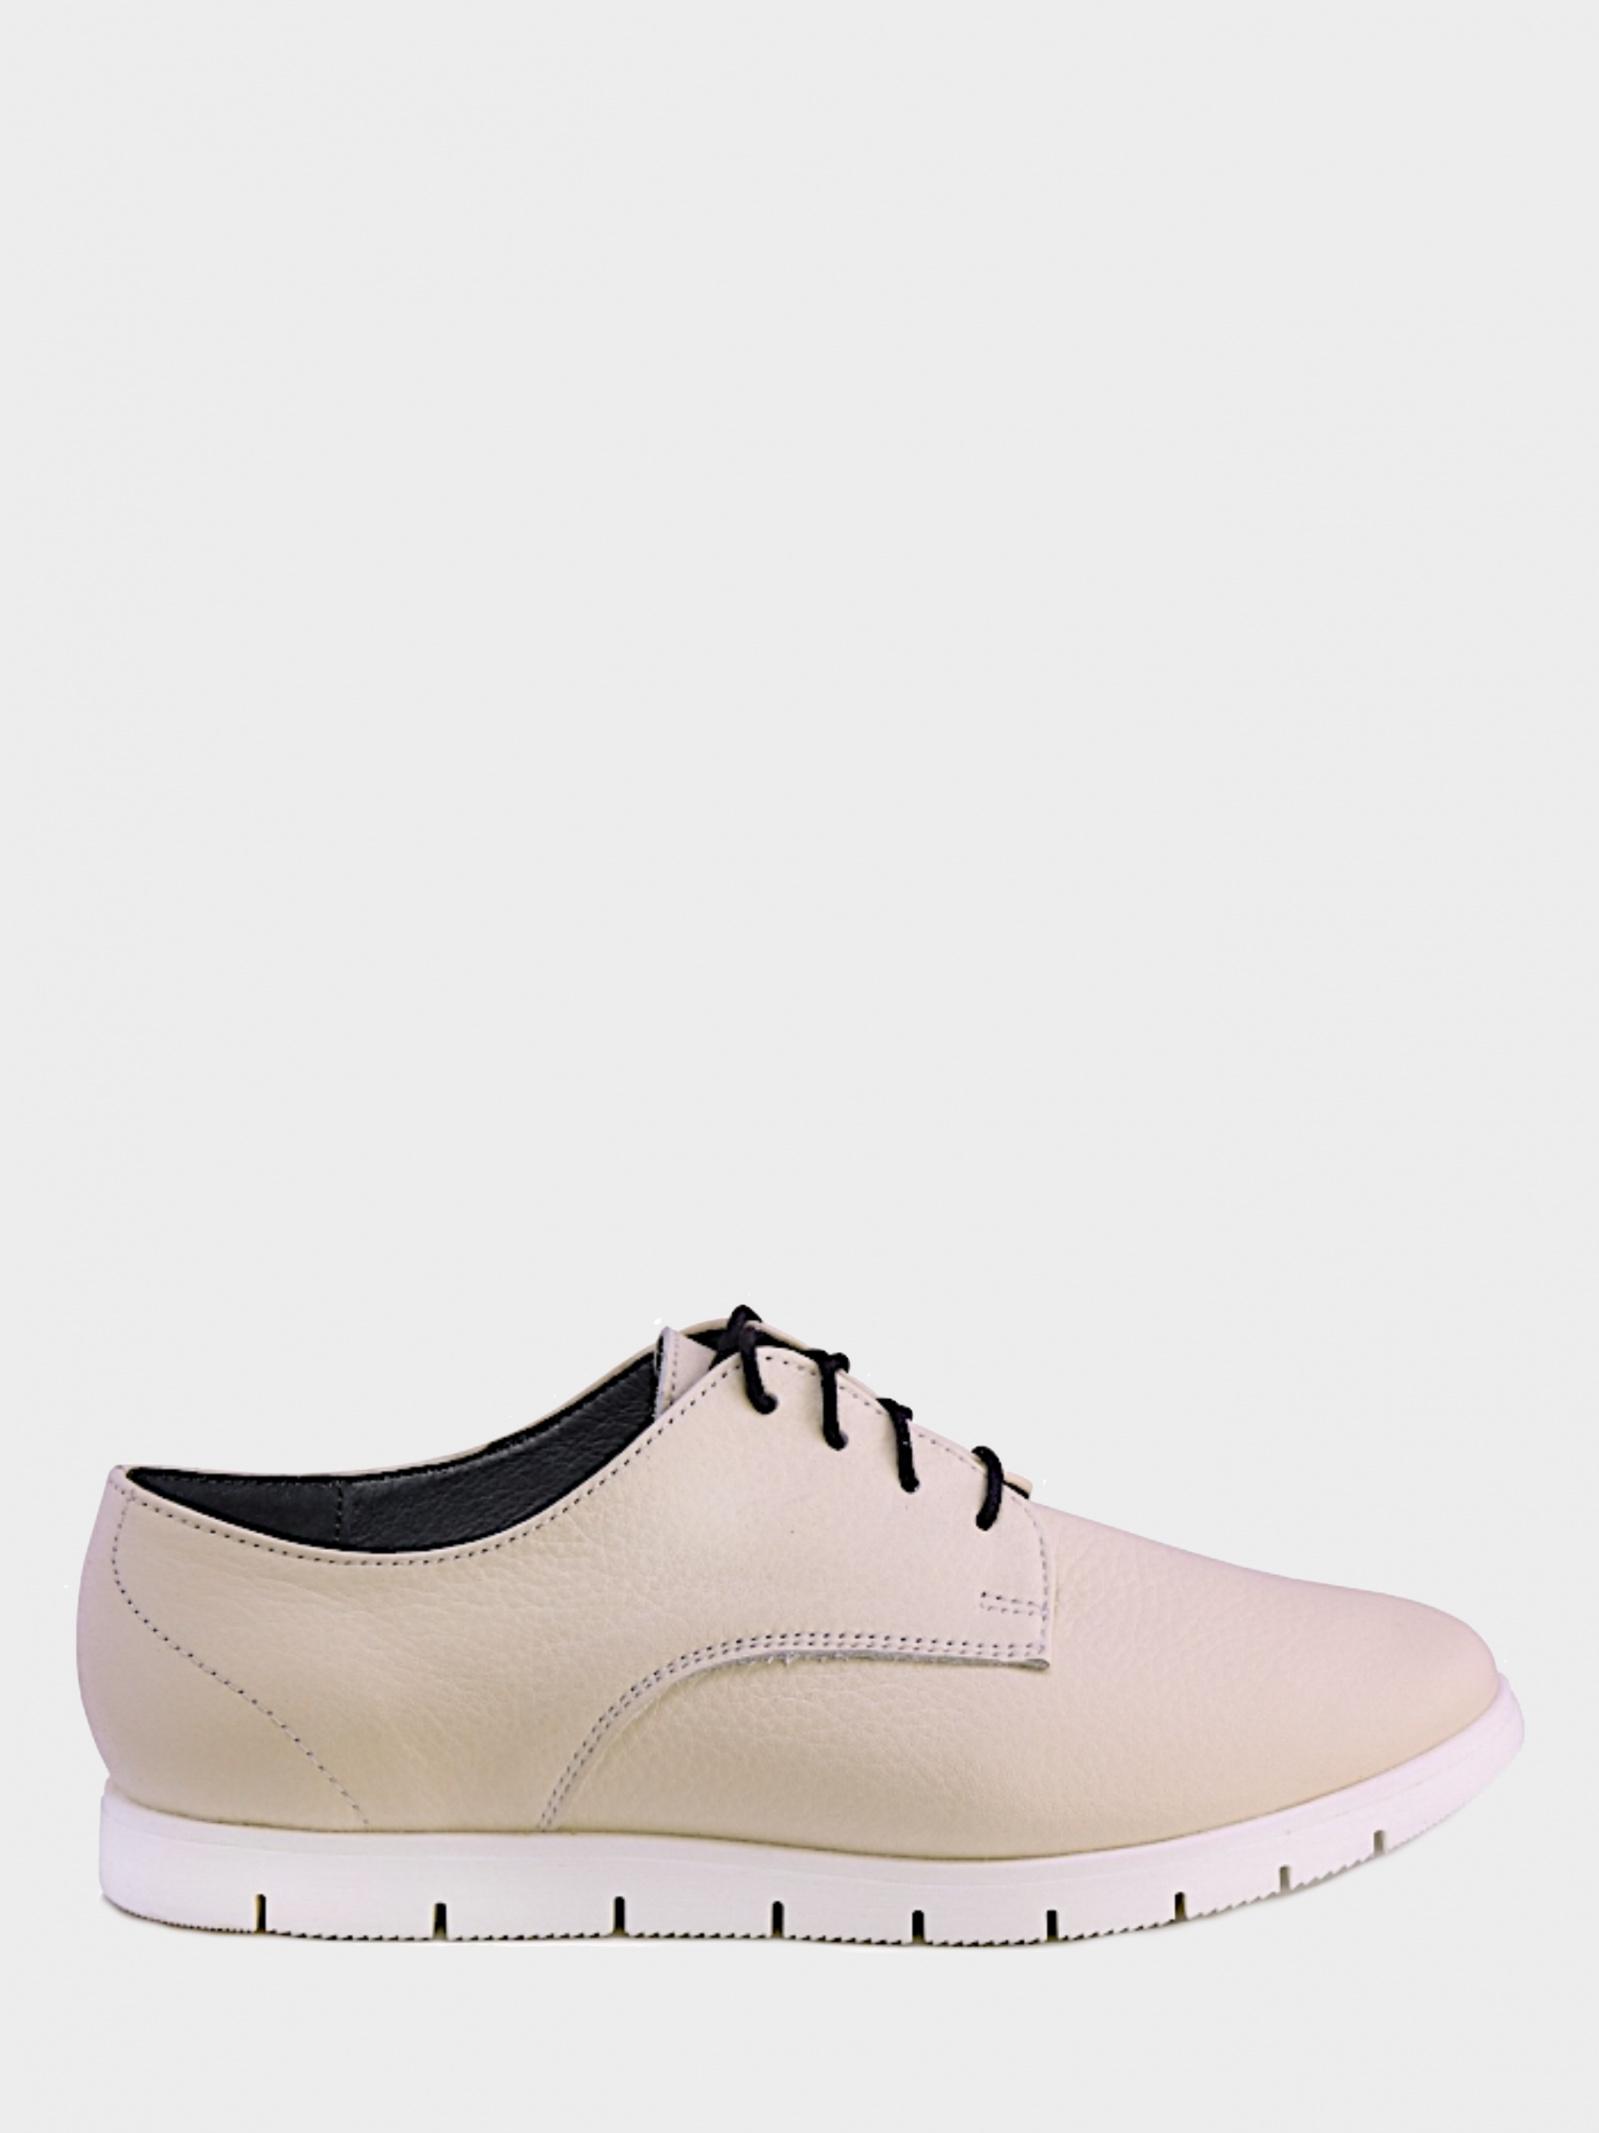 Туфли женские Туфли G1 G1.1.000000330 стоимость, 2017